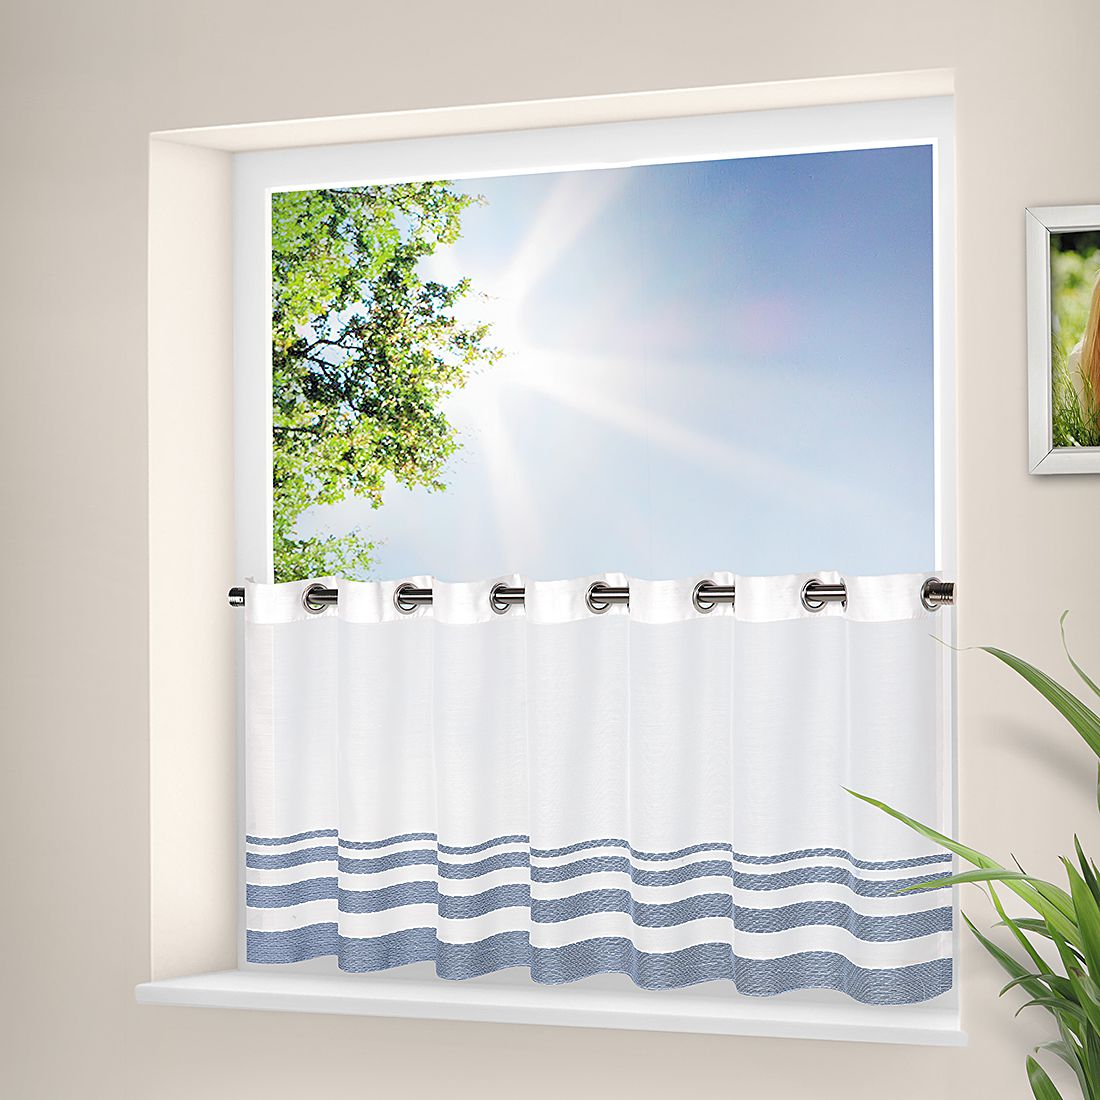 Ösenbistro Iva – Weiß / Blau, Home24Deko günstig online kaufen